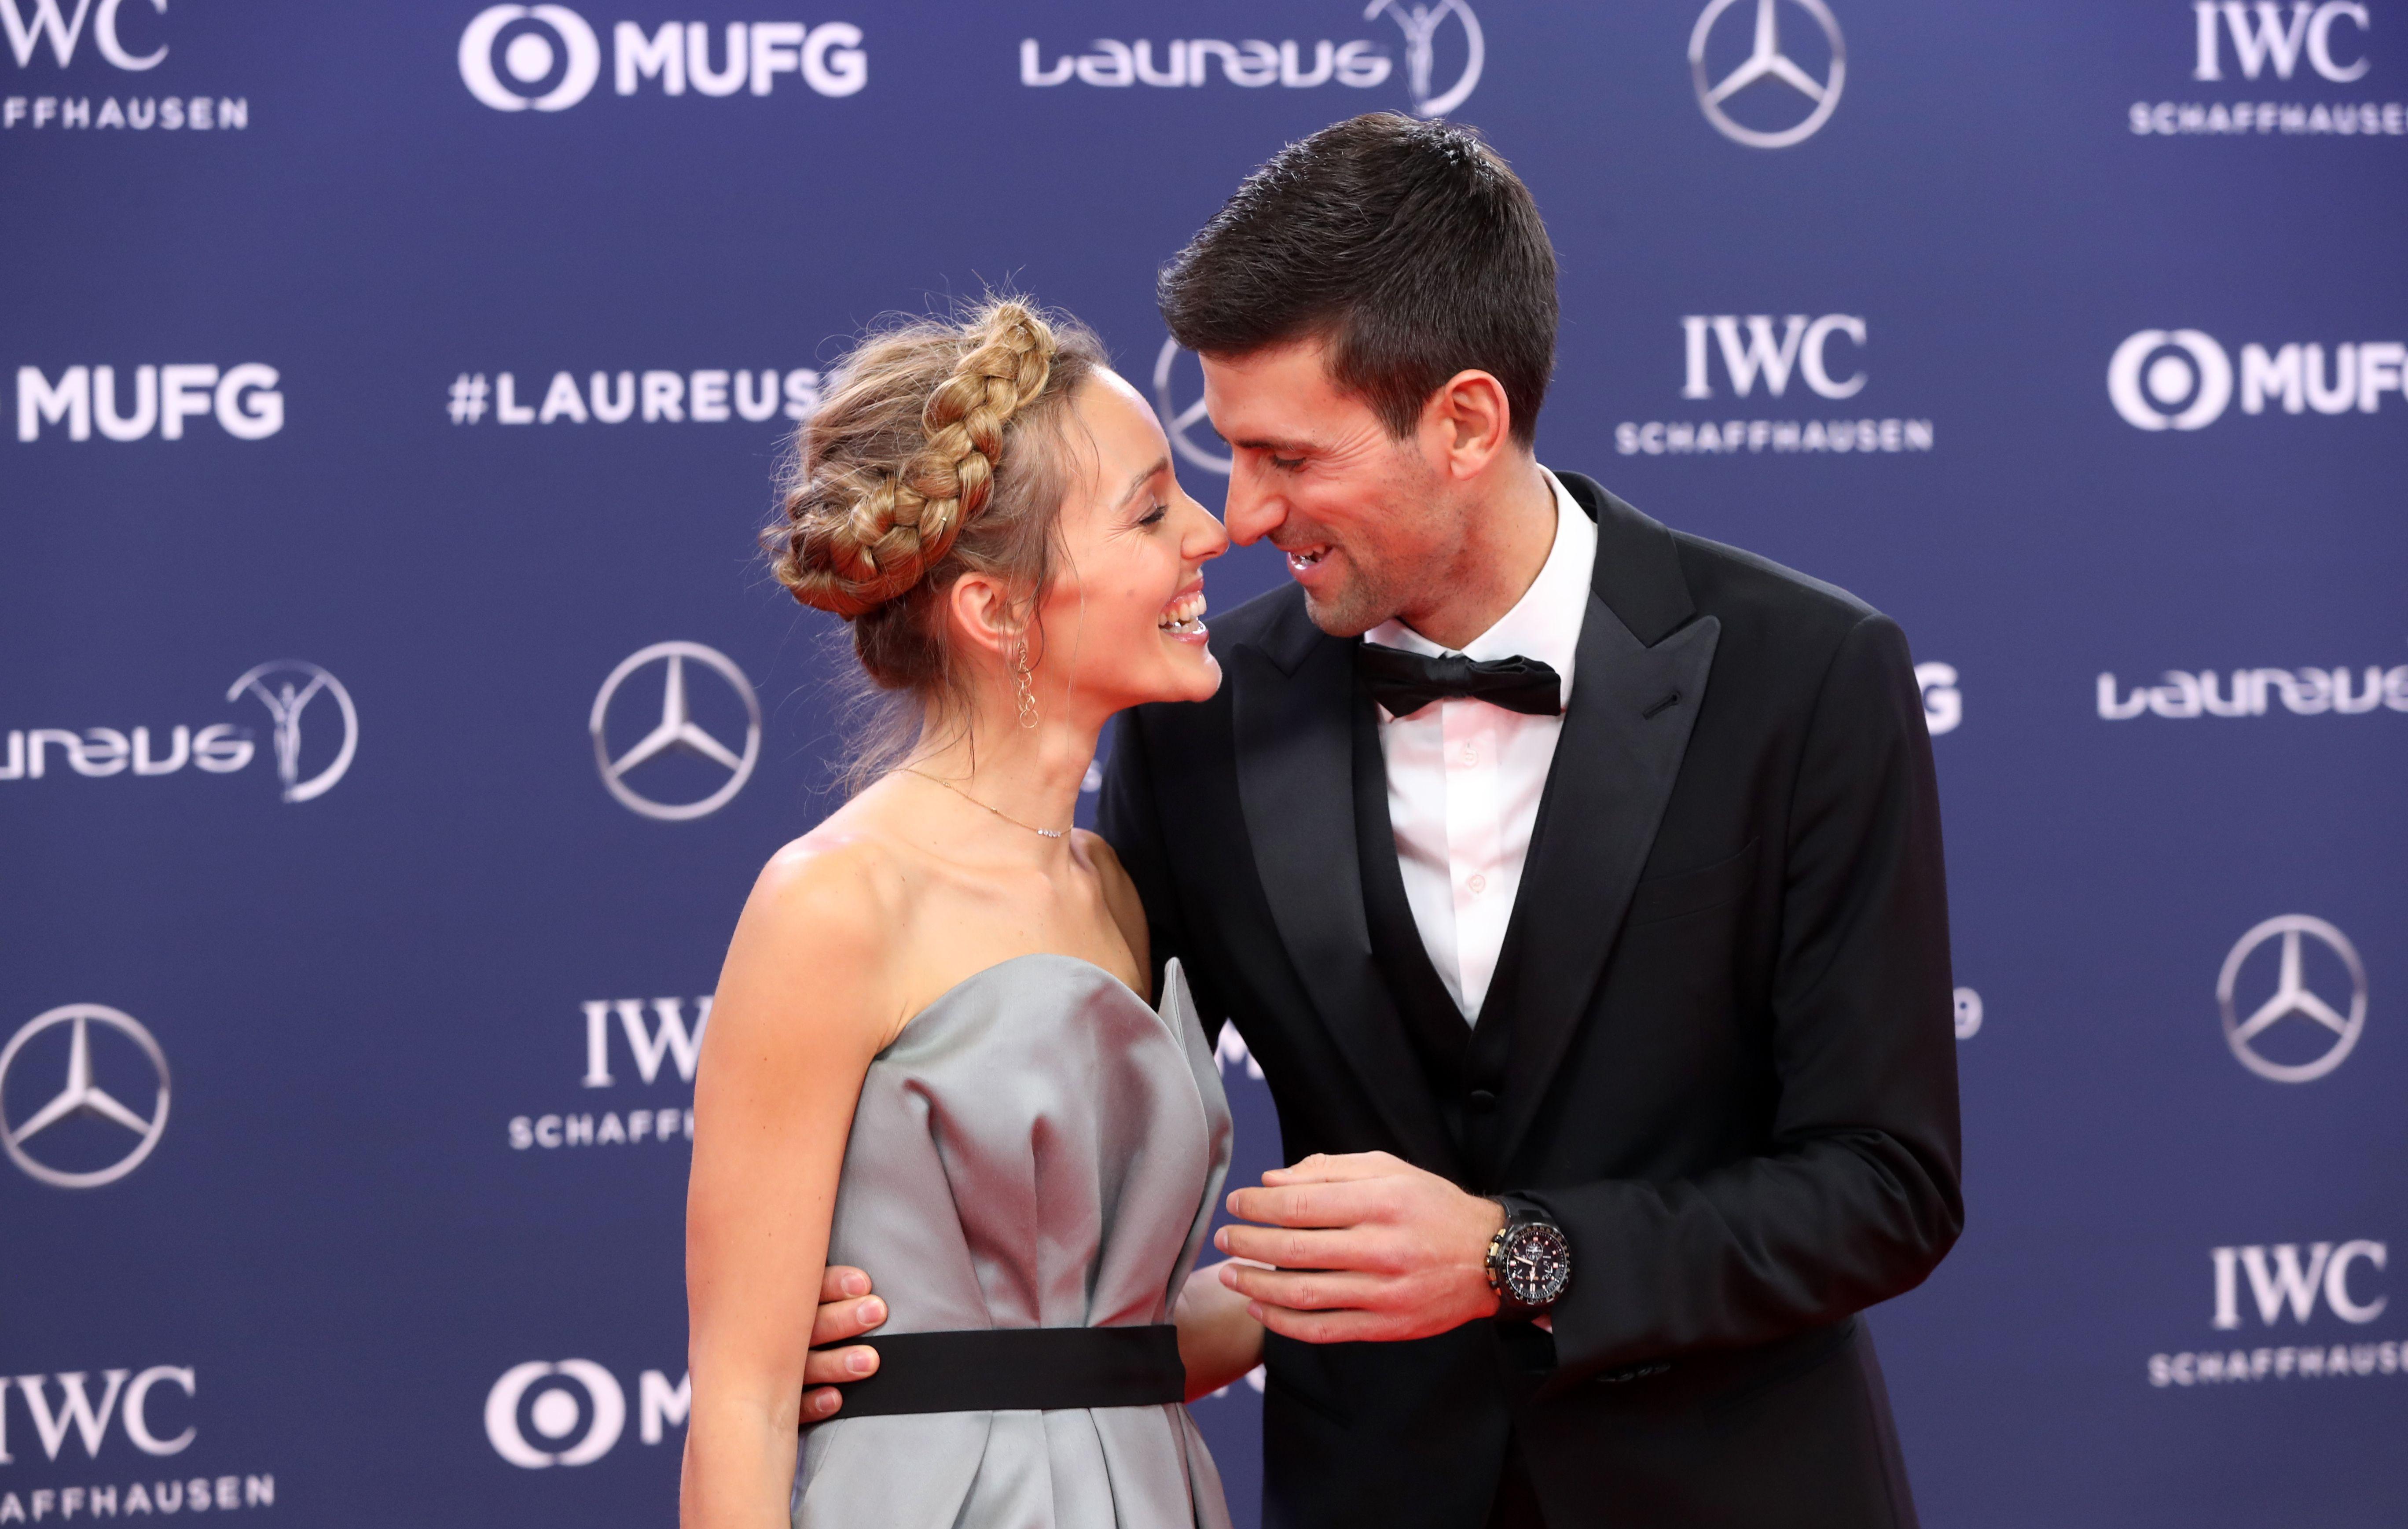 Who Is Novak Djokovic S Wife Jelena Djokovic Meet The Tennis Star S Wife And Kids